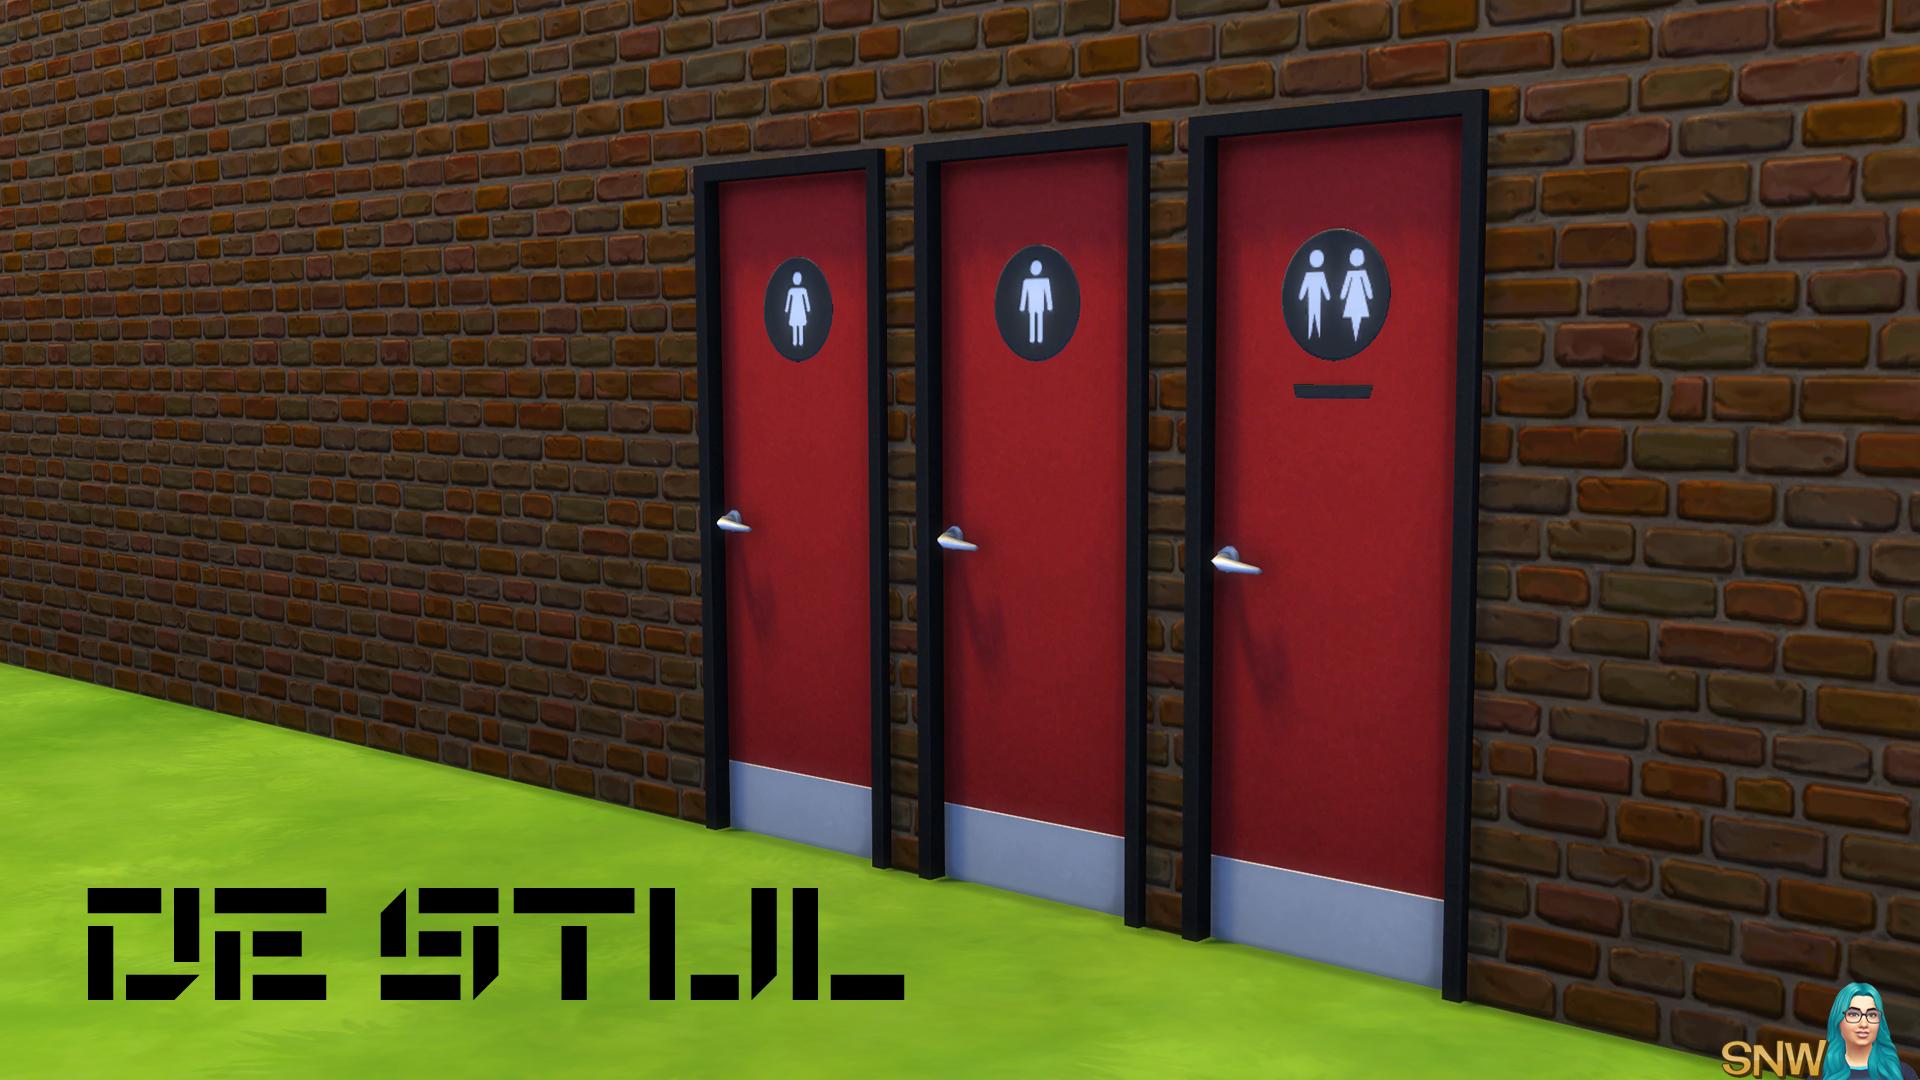 De Stijl Doors for The Sims 4 & De Stijl Toilet Doors #9   SNW   SimsNetwork.com